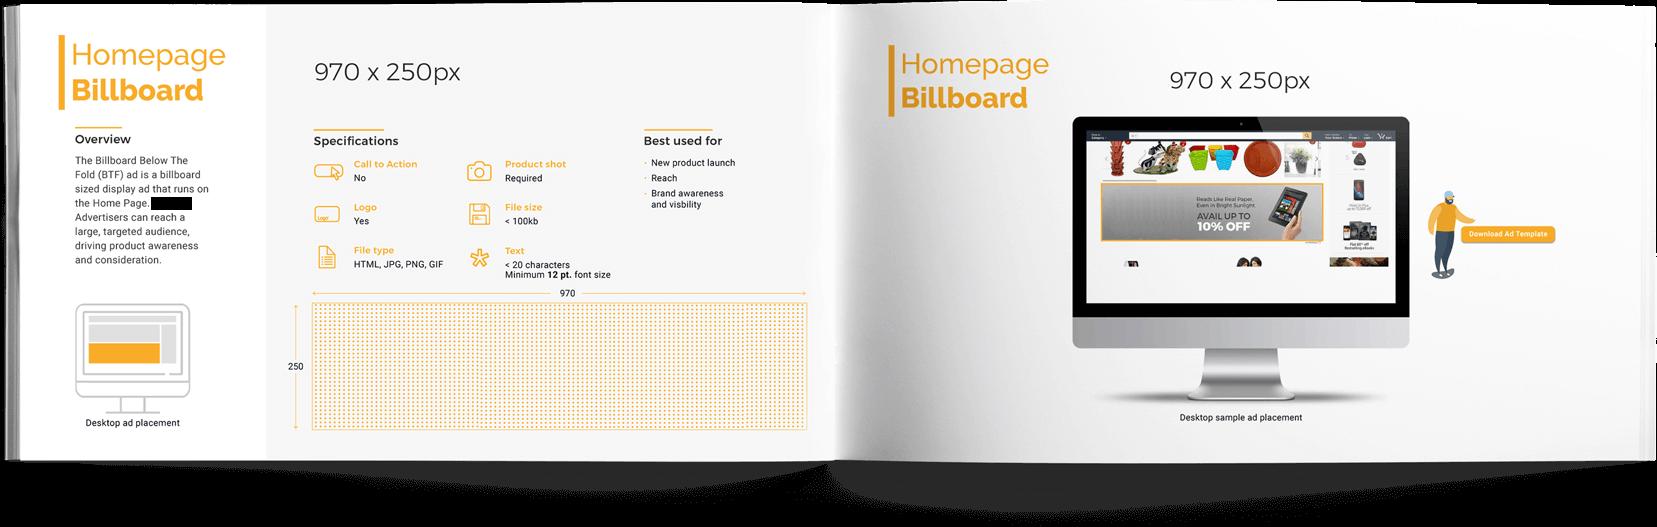 Customer Experience Catalog